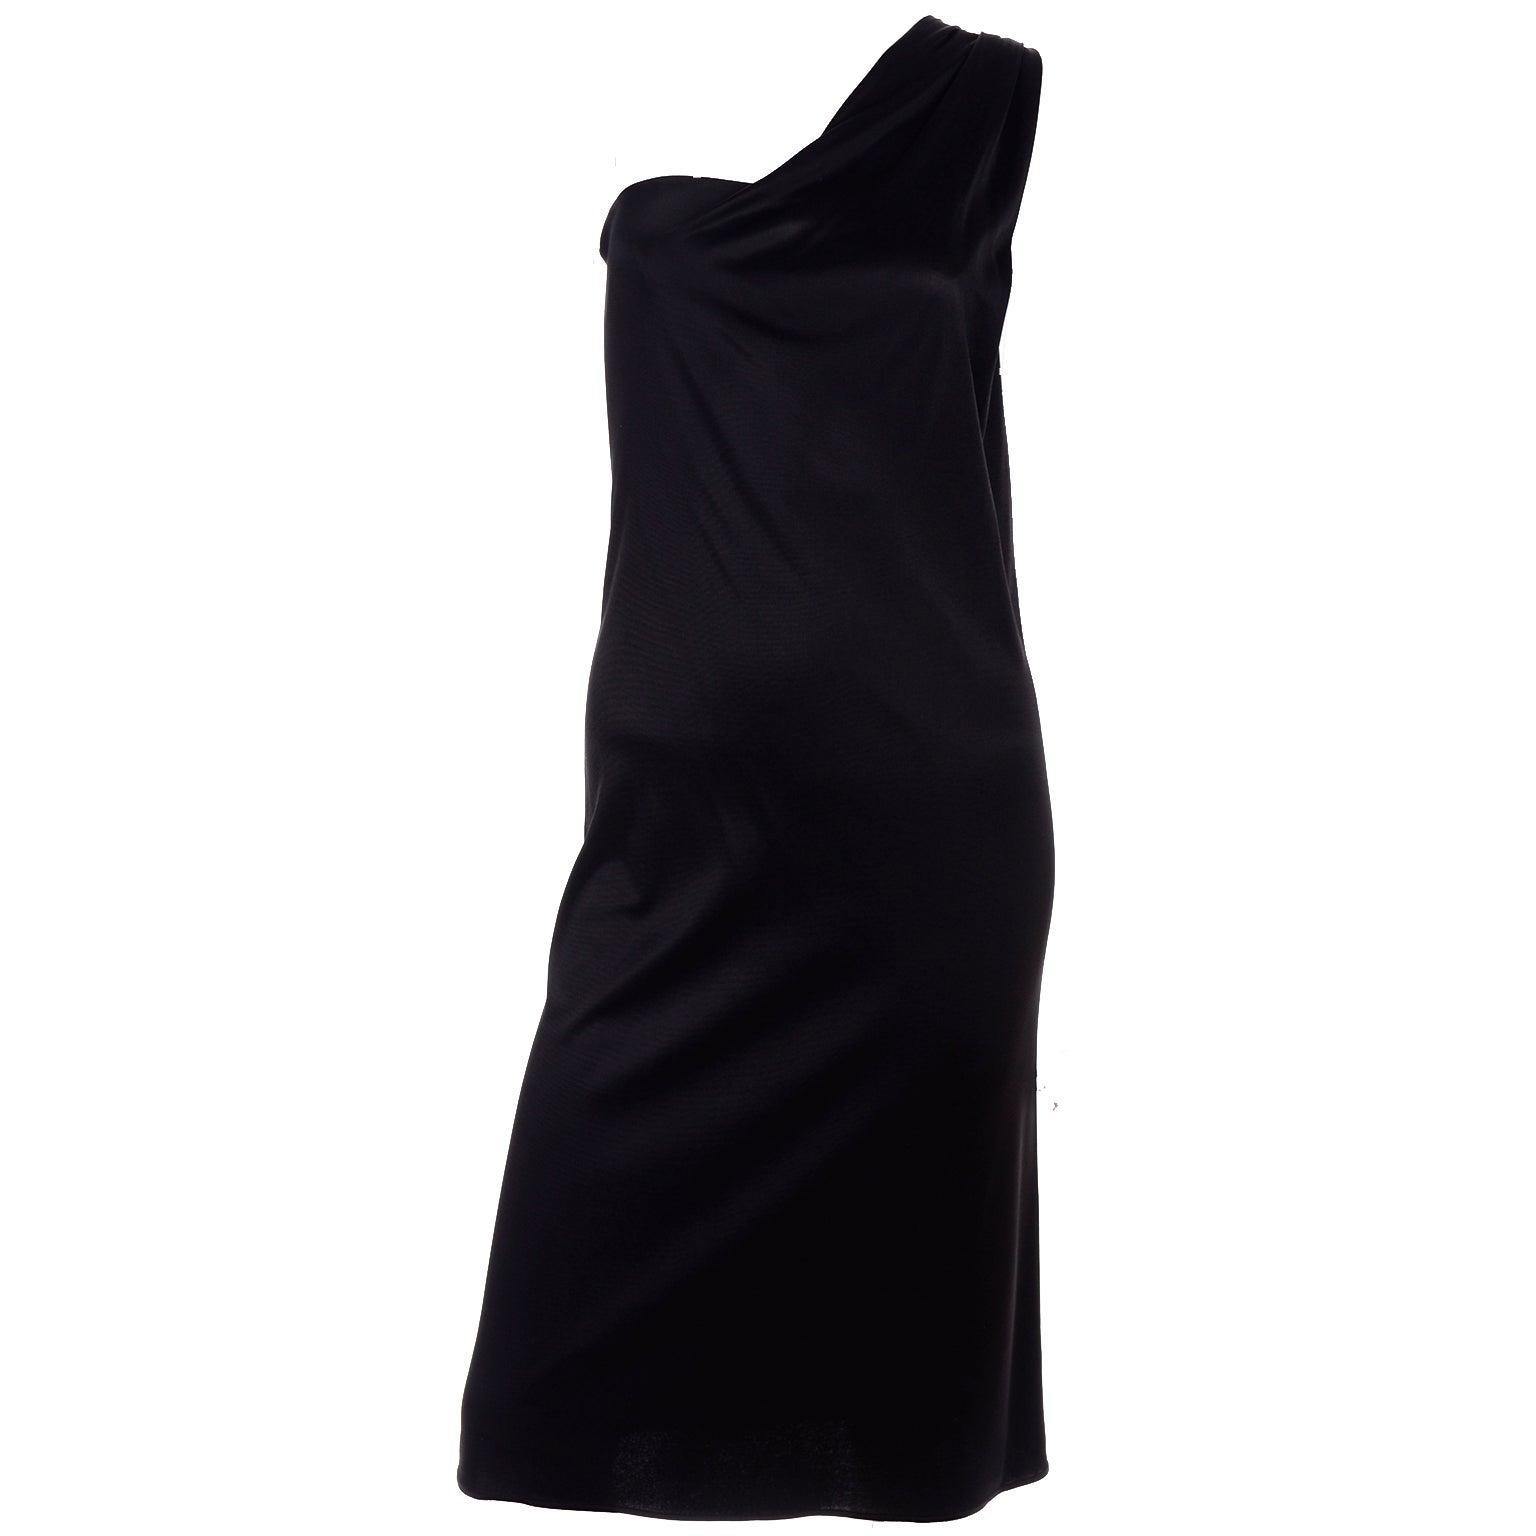 Gianni Versace Couture 1998 Vintage Black One Shoulder Dress Medusa Buckle